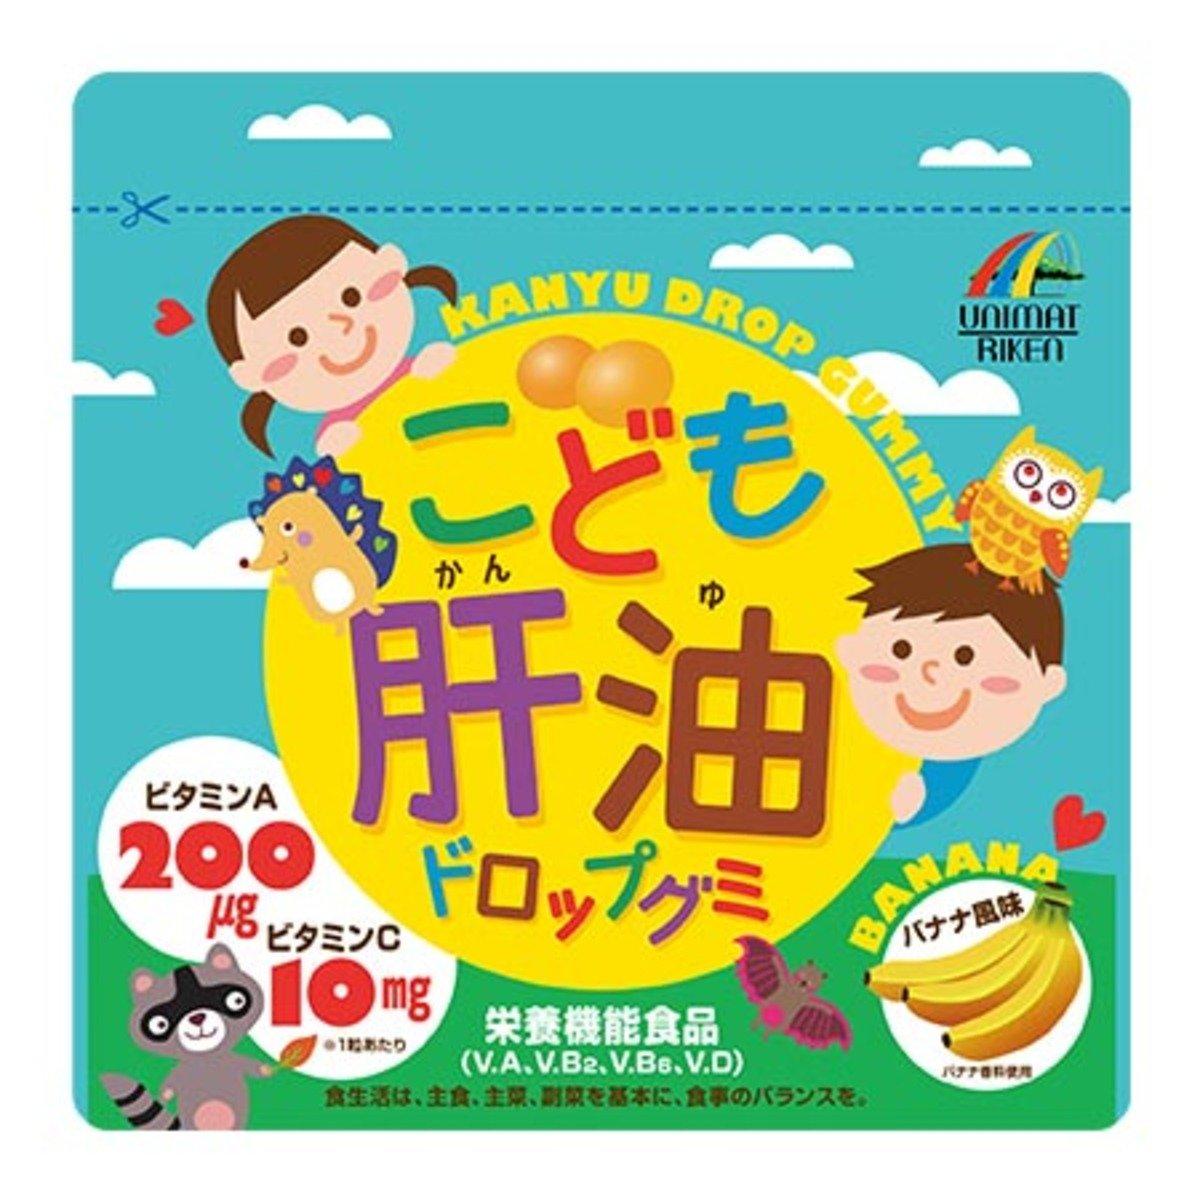 兒童軟糖肝油丸(香蕉味)1 00粒